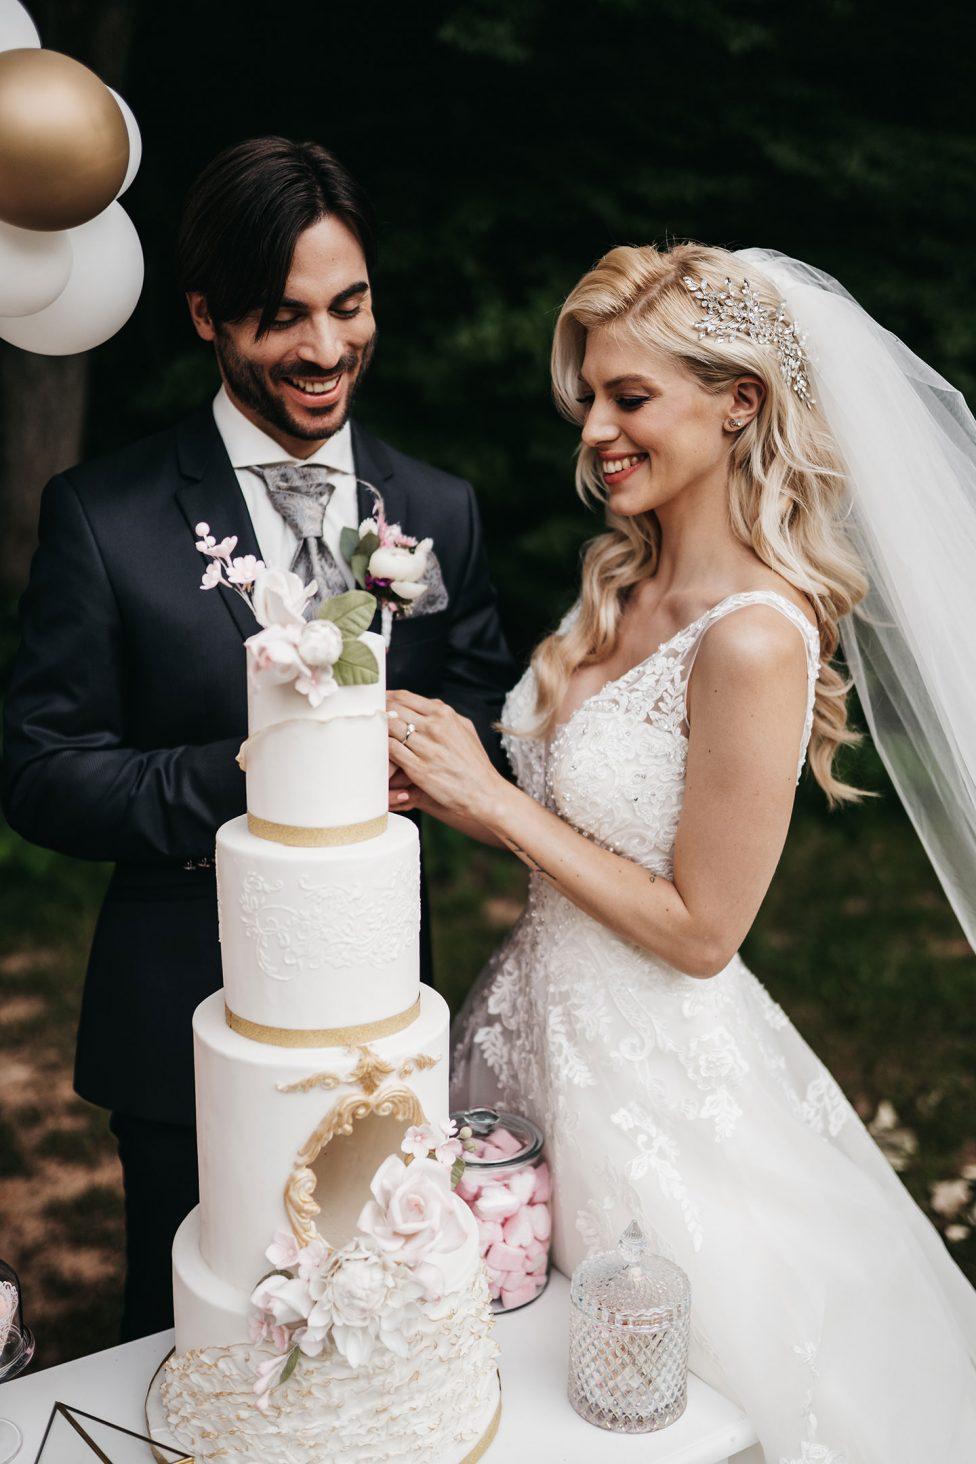 Hoher Darsberg: Glamouröse Prinzessinnen Hochzeitsinspiration